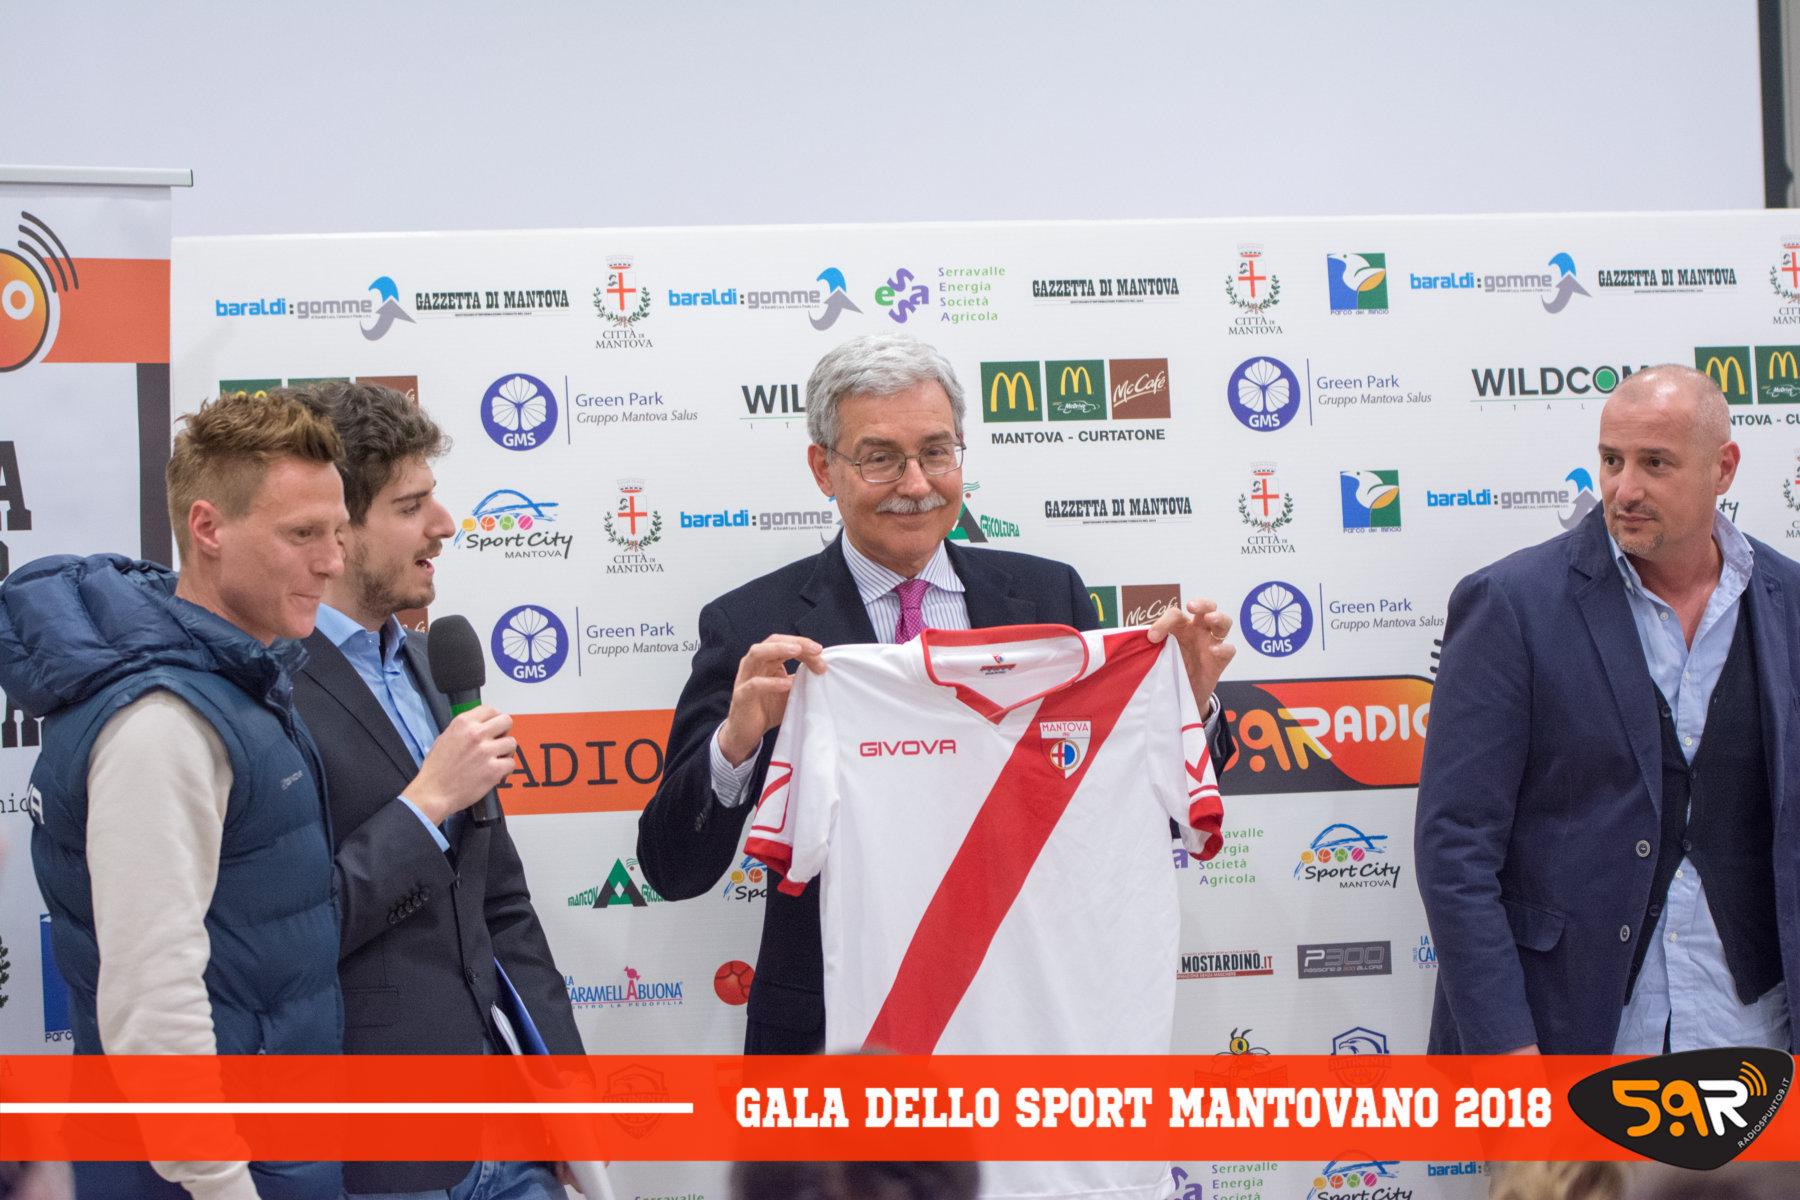 Gala dello Sport Mantovano 2018 Web Radio 5 (7)